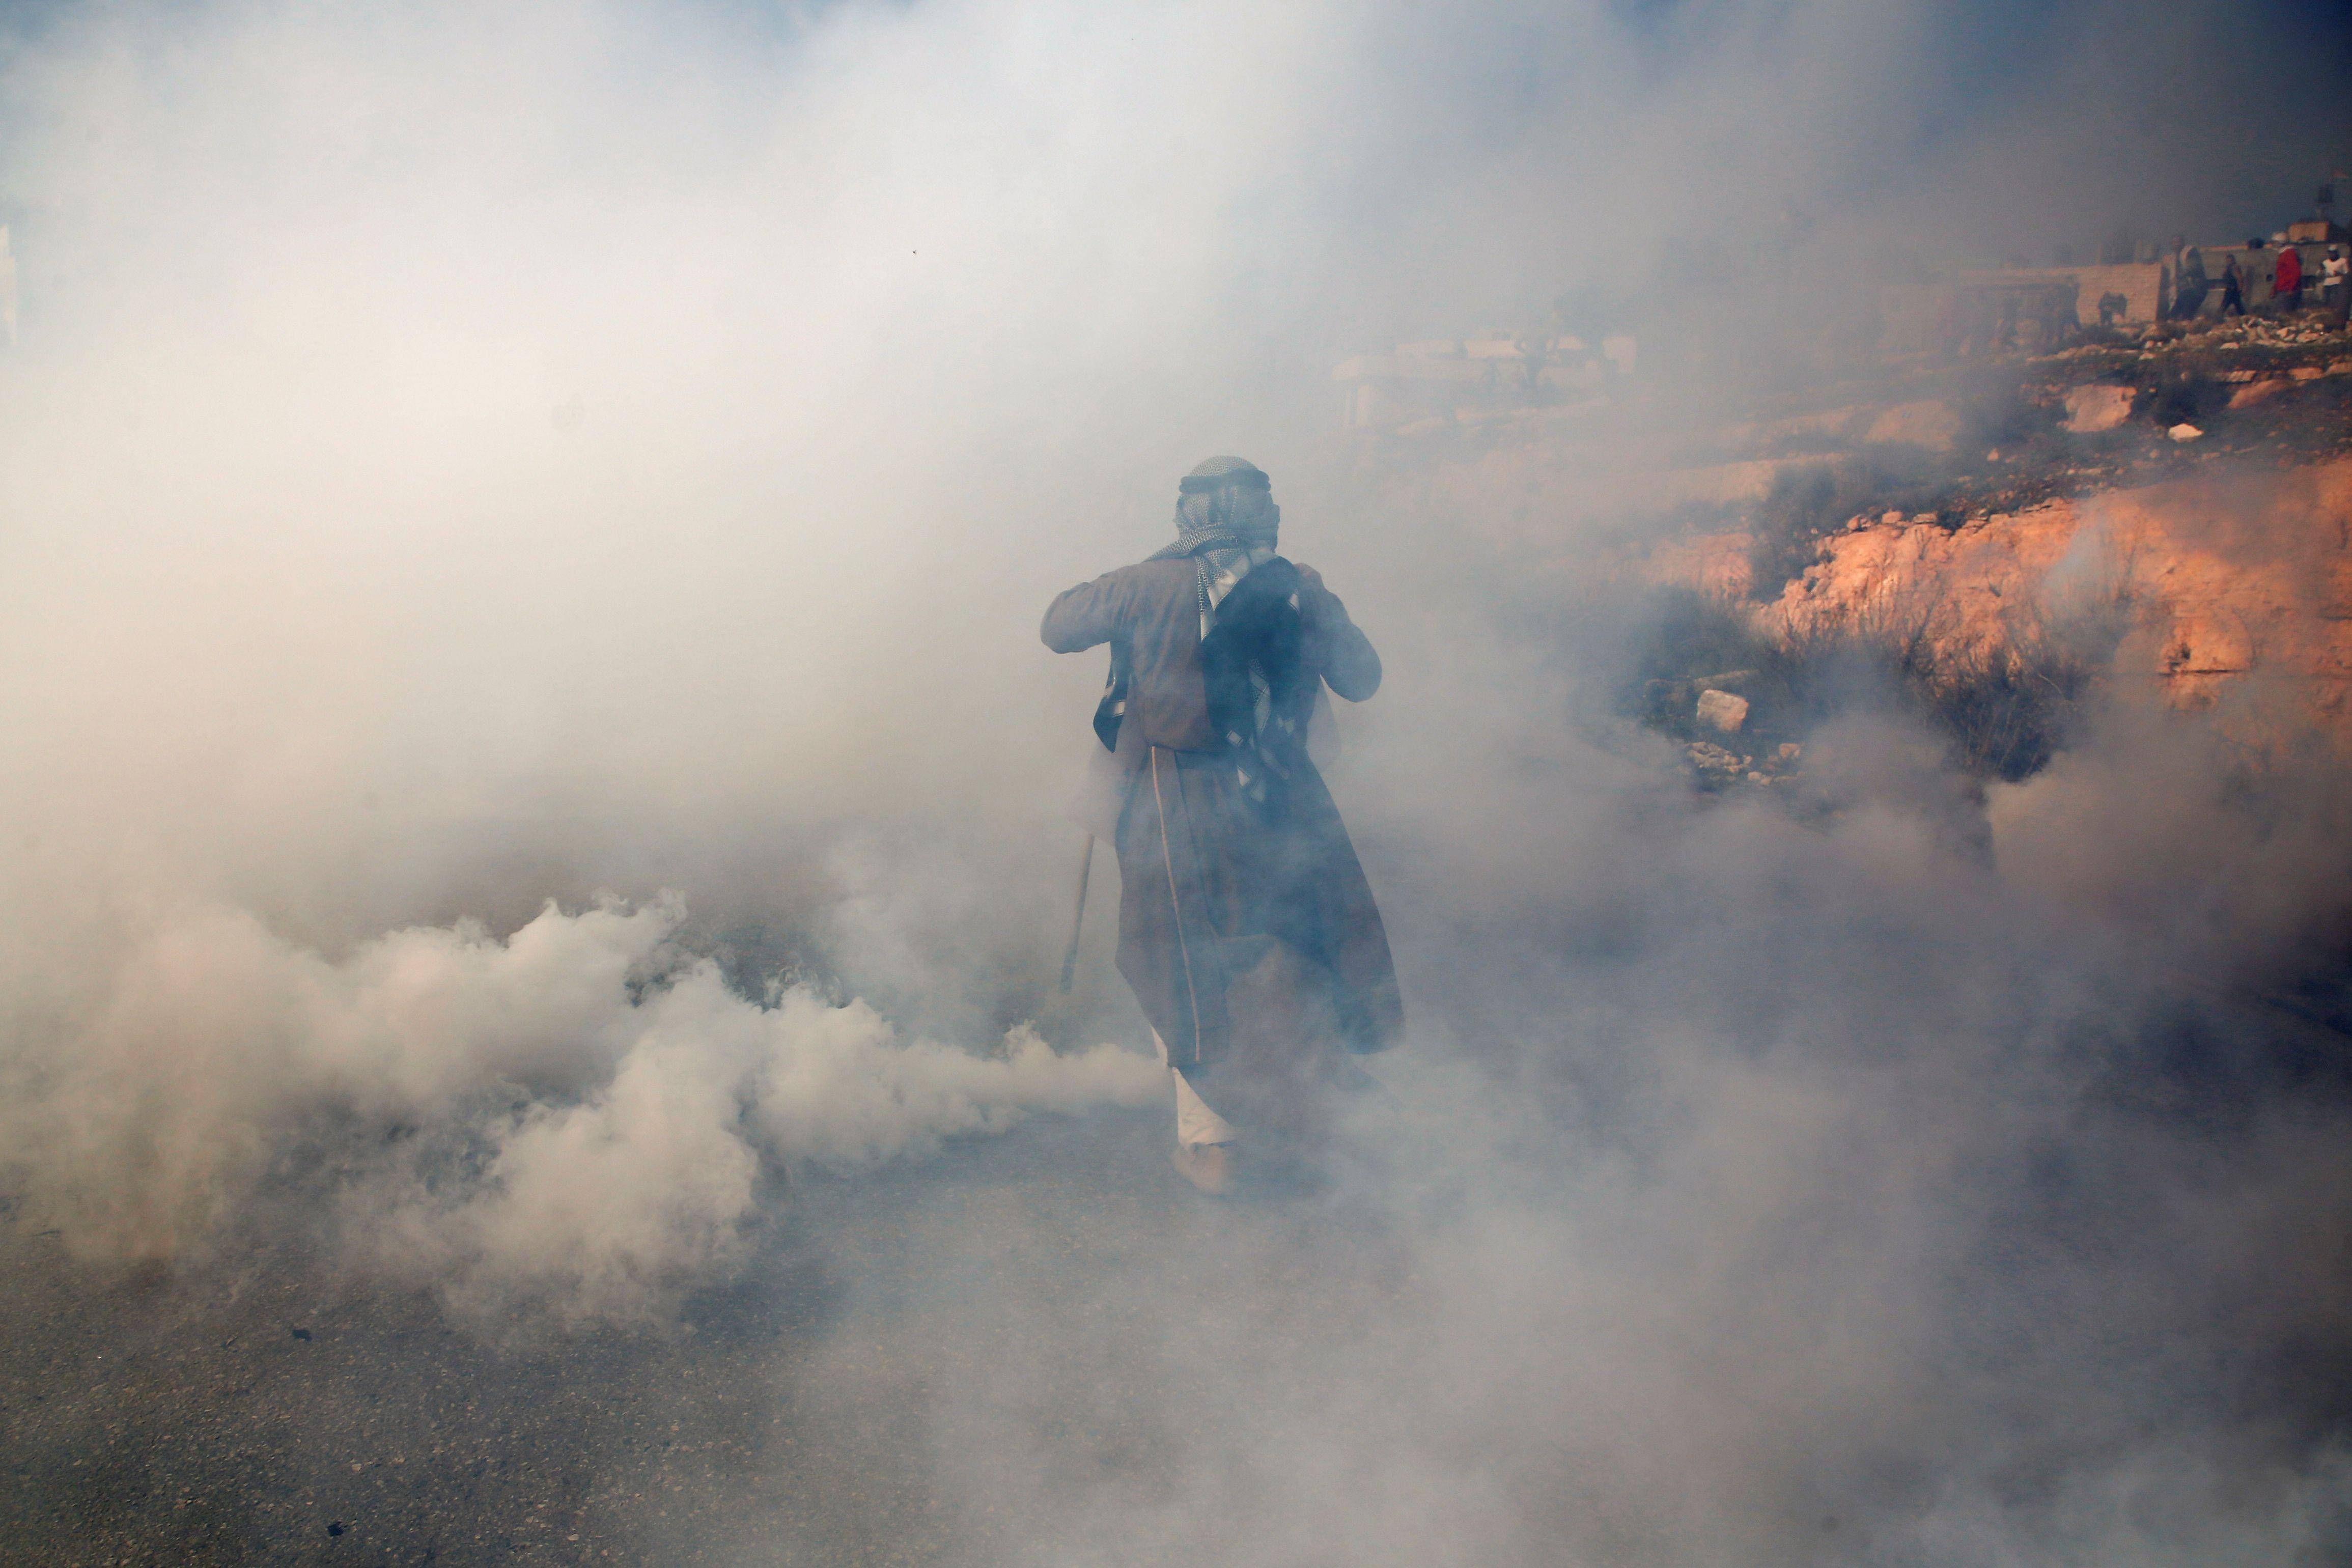 متظاهر وسط الغاز المسيل للدموع